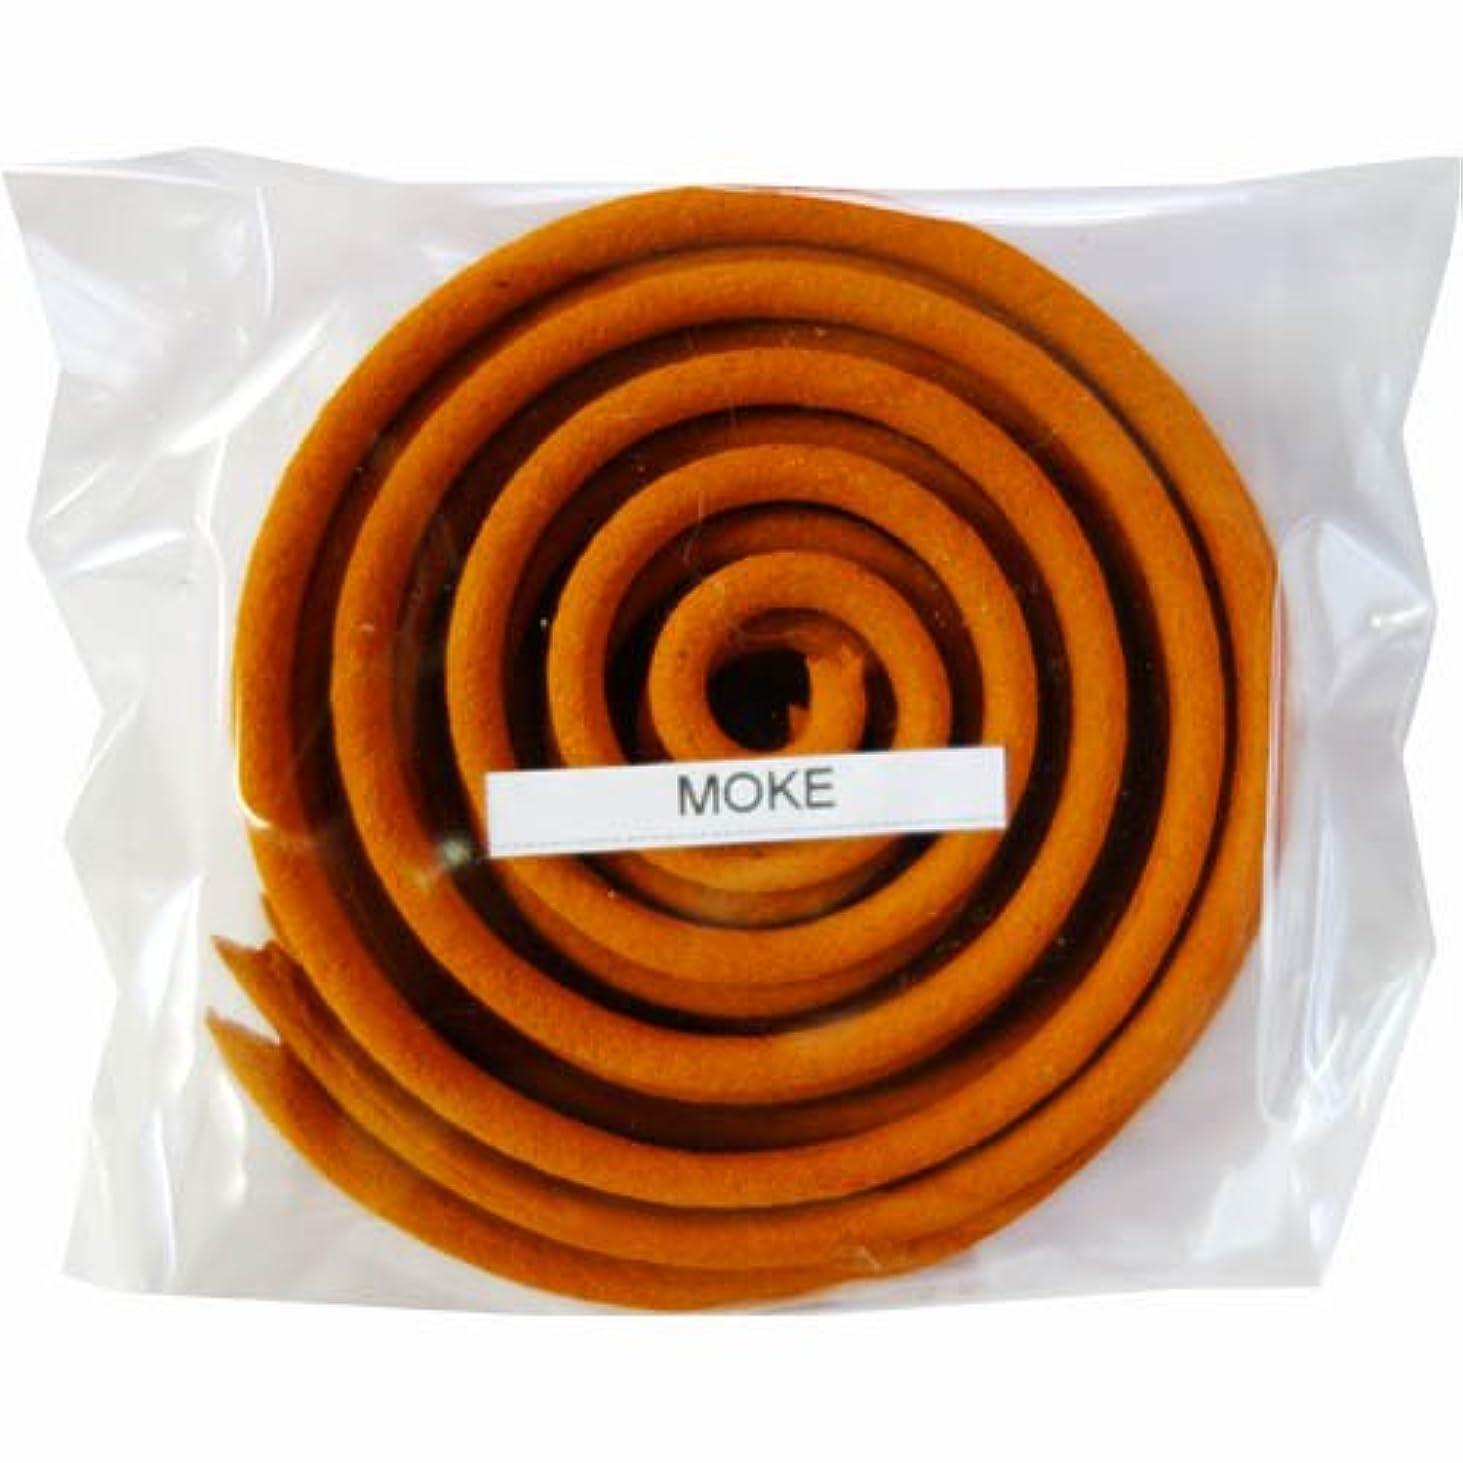 プラスチック難しいまろやかなお香/うずまき香 MOKE モーク 直径6.5cm×5巻セット [並行輸入品]